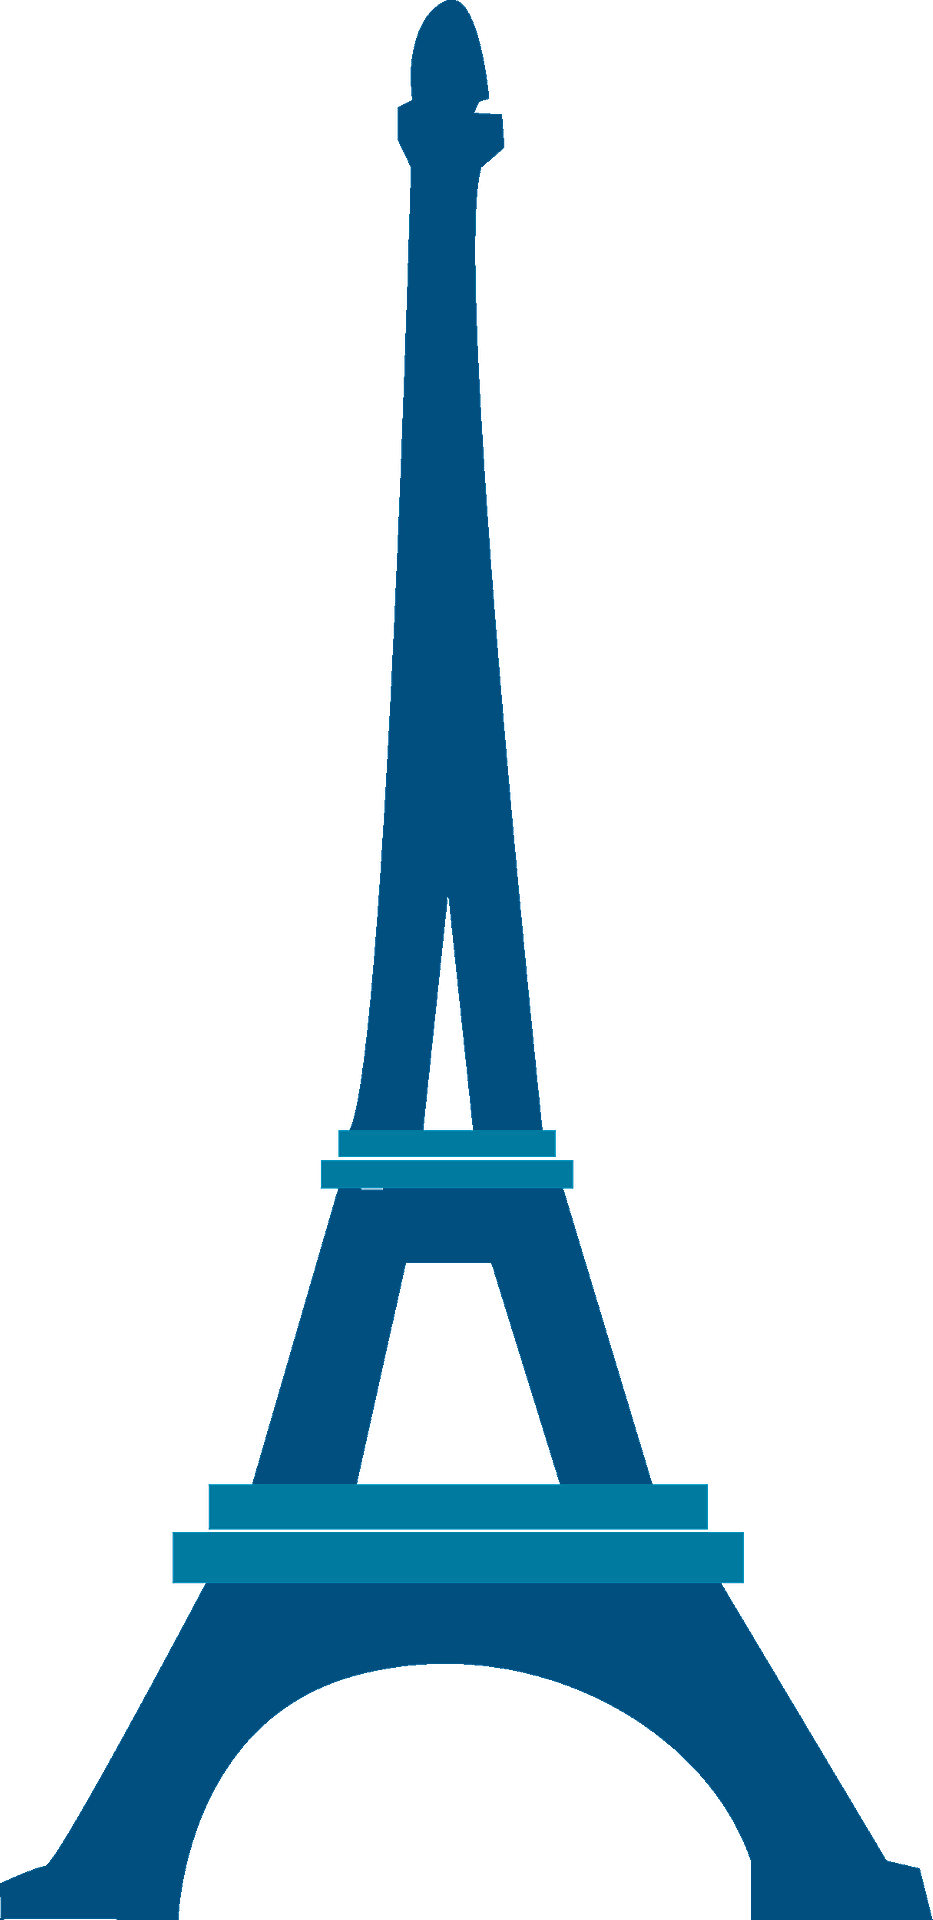 Eiffel Tower Clipart - Eiffel Tower Adobe Illustrator ...